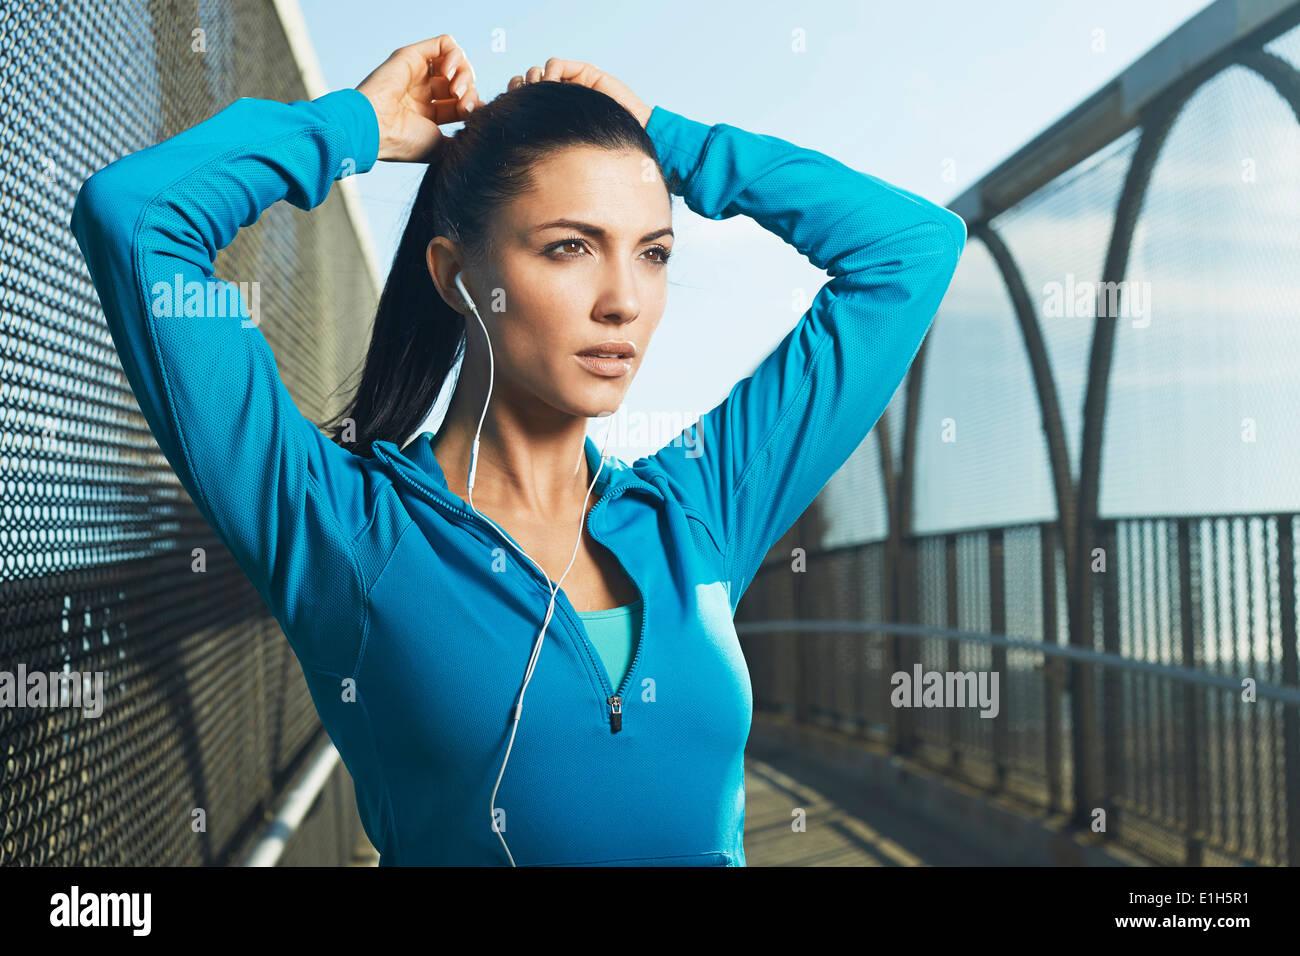 Frau trägt Sportkleidung vorbereiten der Ausführung Stockbild